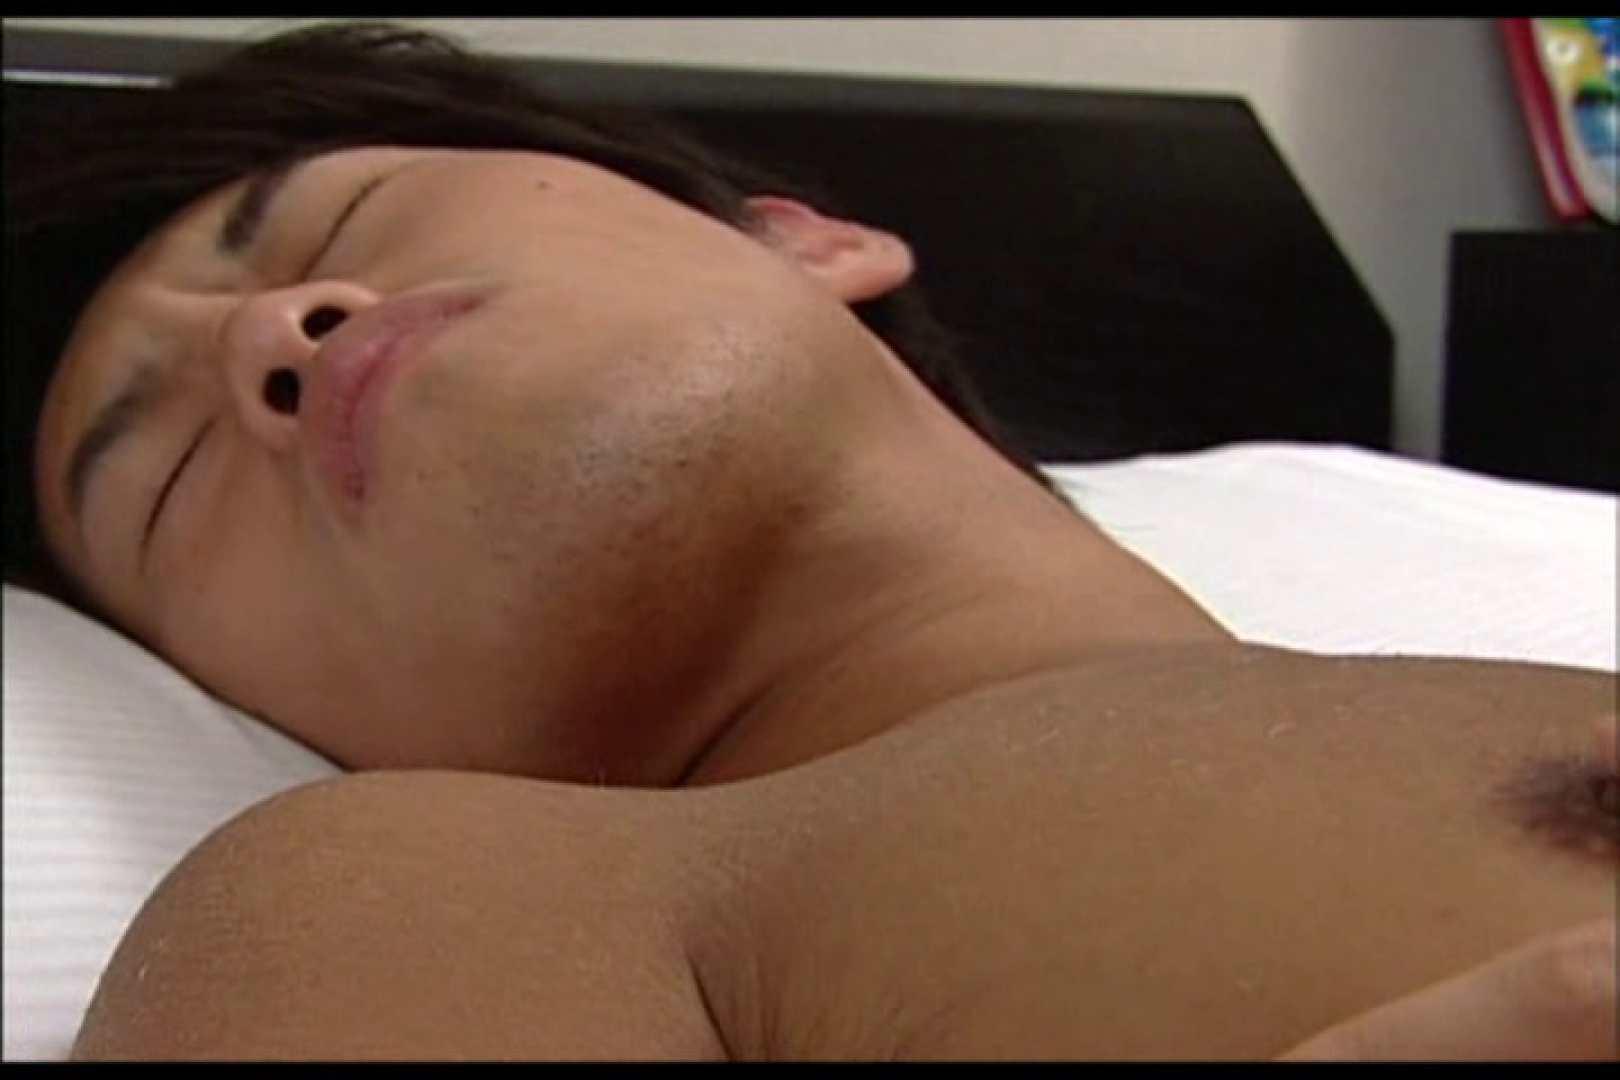 かよわい若者達の性的コミュニケーション(高画質ver)VOL.02 入浴・シャワー ゲイエロビデオ画像 62連発 5